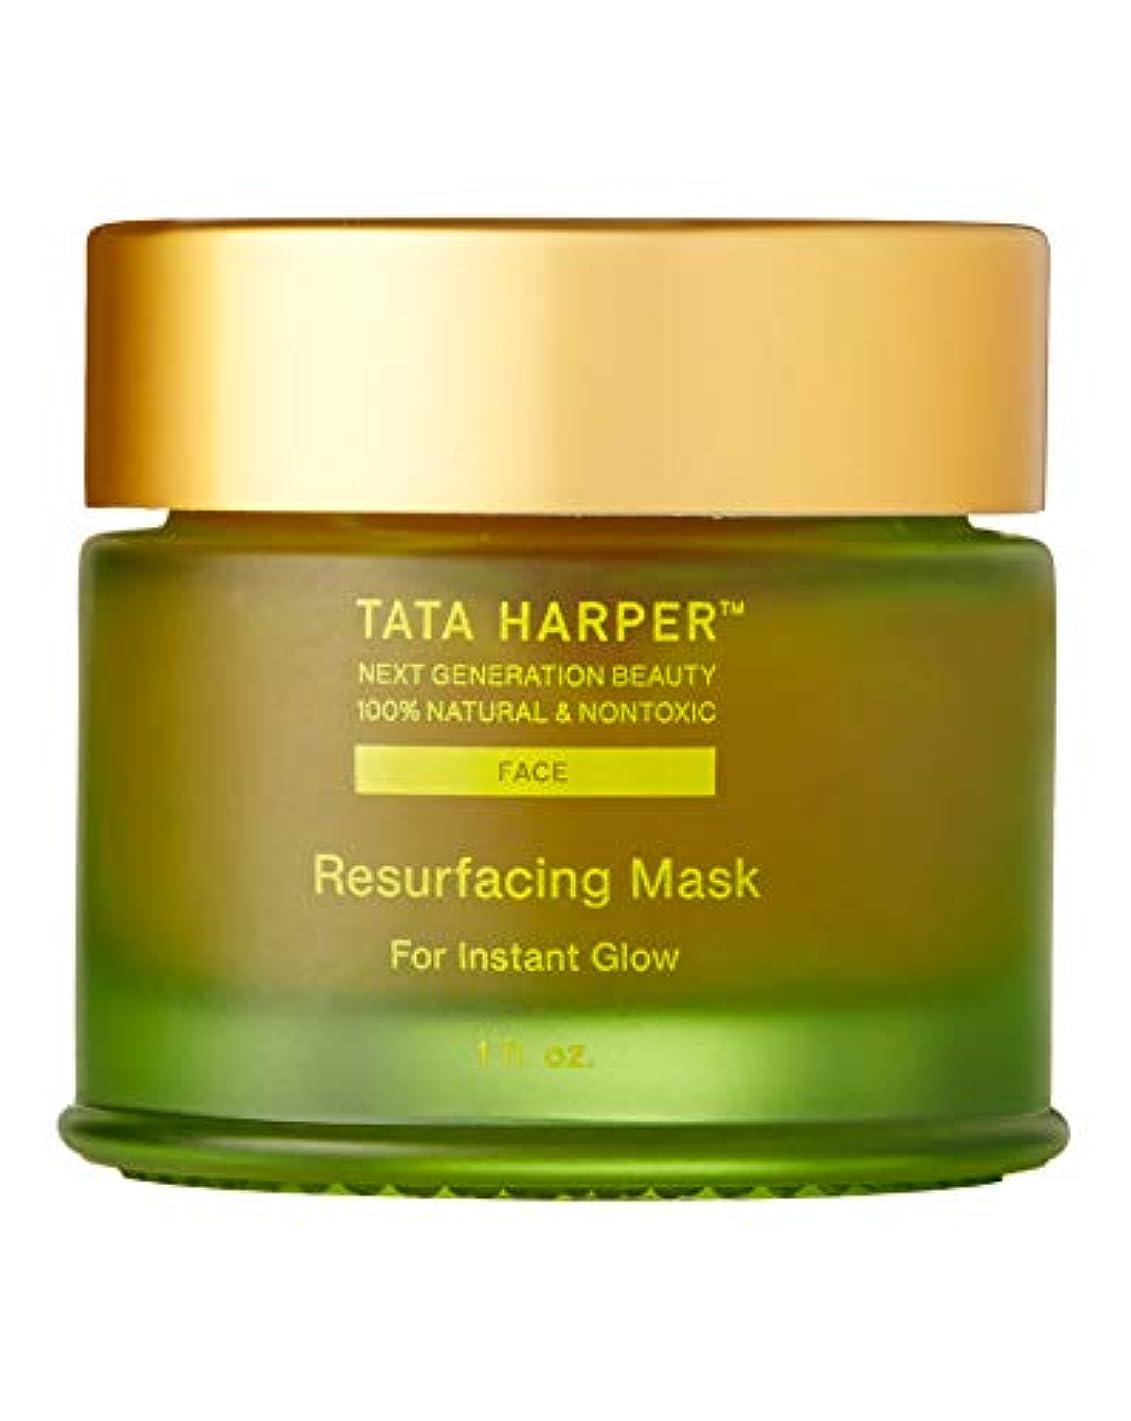 かき混ぜる悲鳴交渉するTata Harper Resurfacing Mask 30ml タタハーパー リサーフェシング マスク